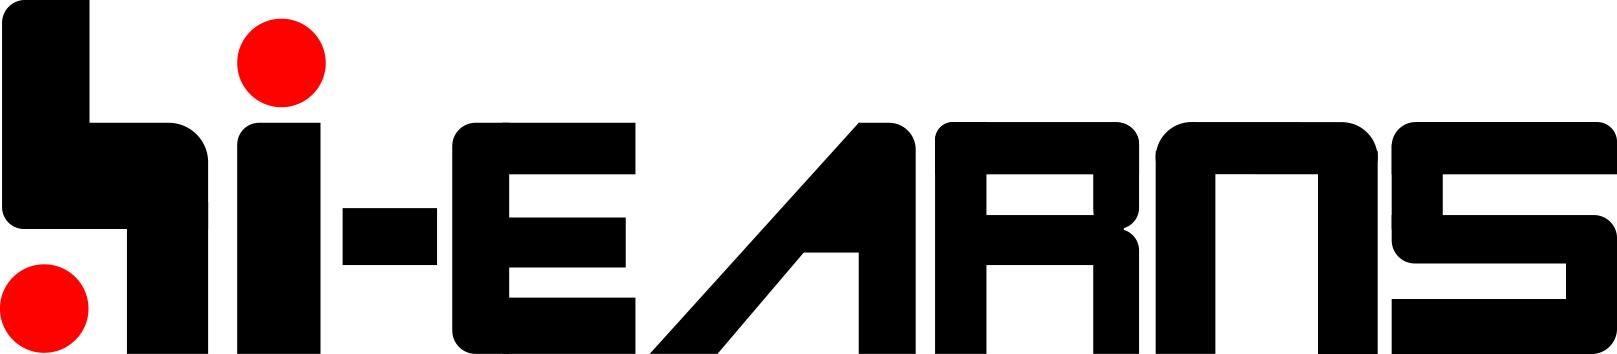 logo hi earns